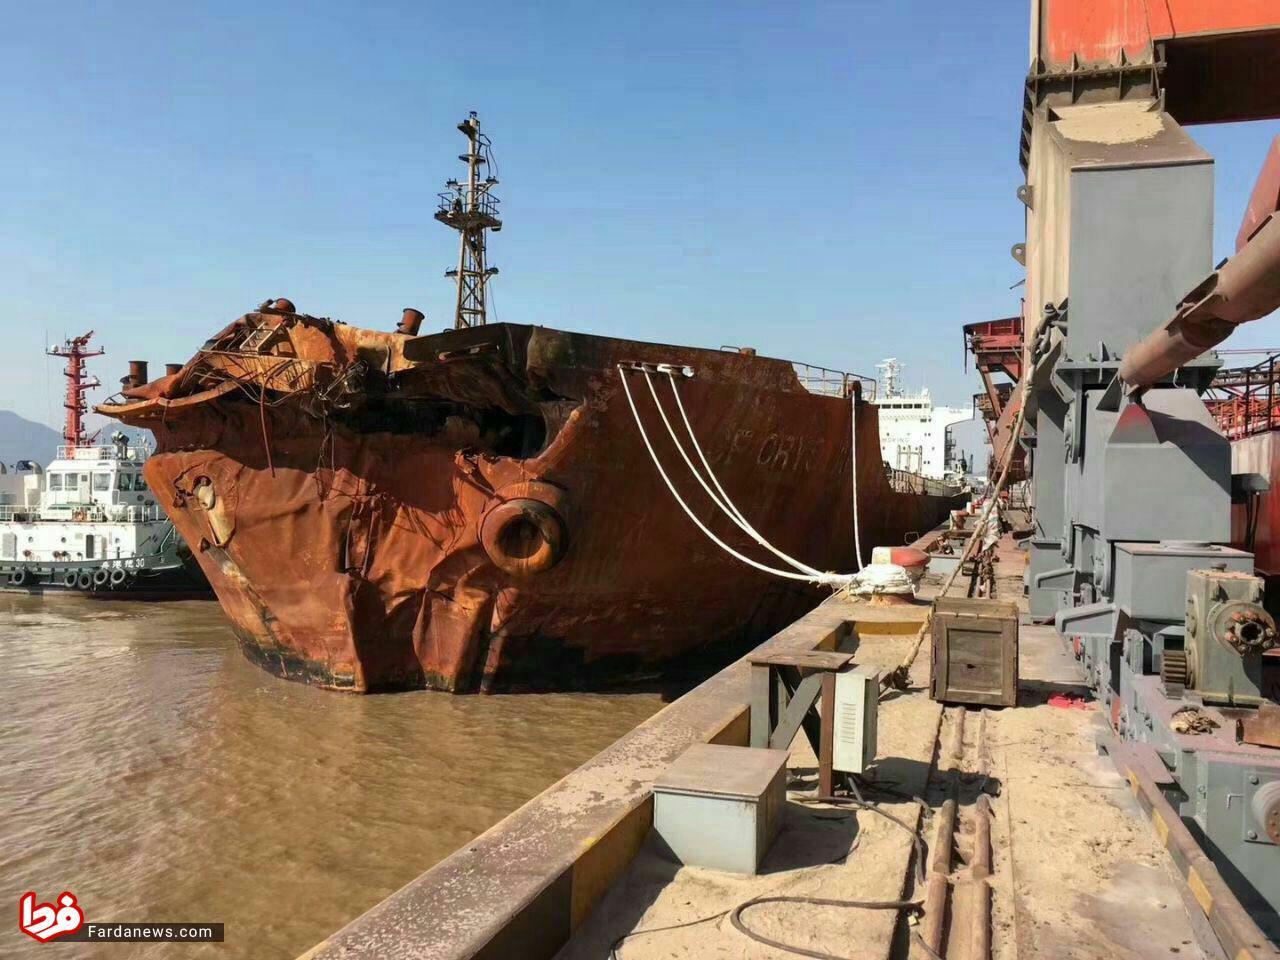 تا اطلاعات سانچی رمزگشایی نشود هر صحبتی حدس و گمان است/تجهیزات ارتباطی نفتکش سانچی مشکلی نداشت/خدمه دو کشتی متوجه نشدند تصادف کرده اند